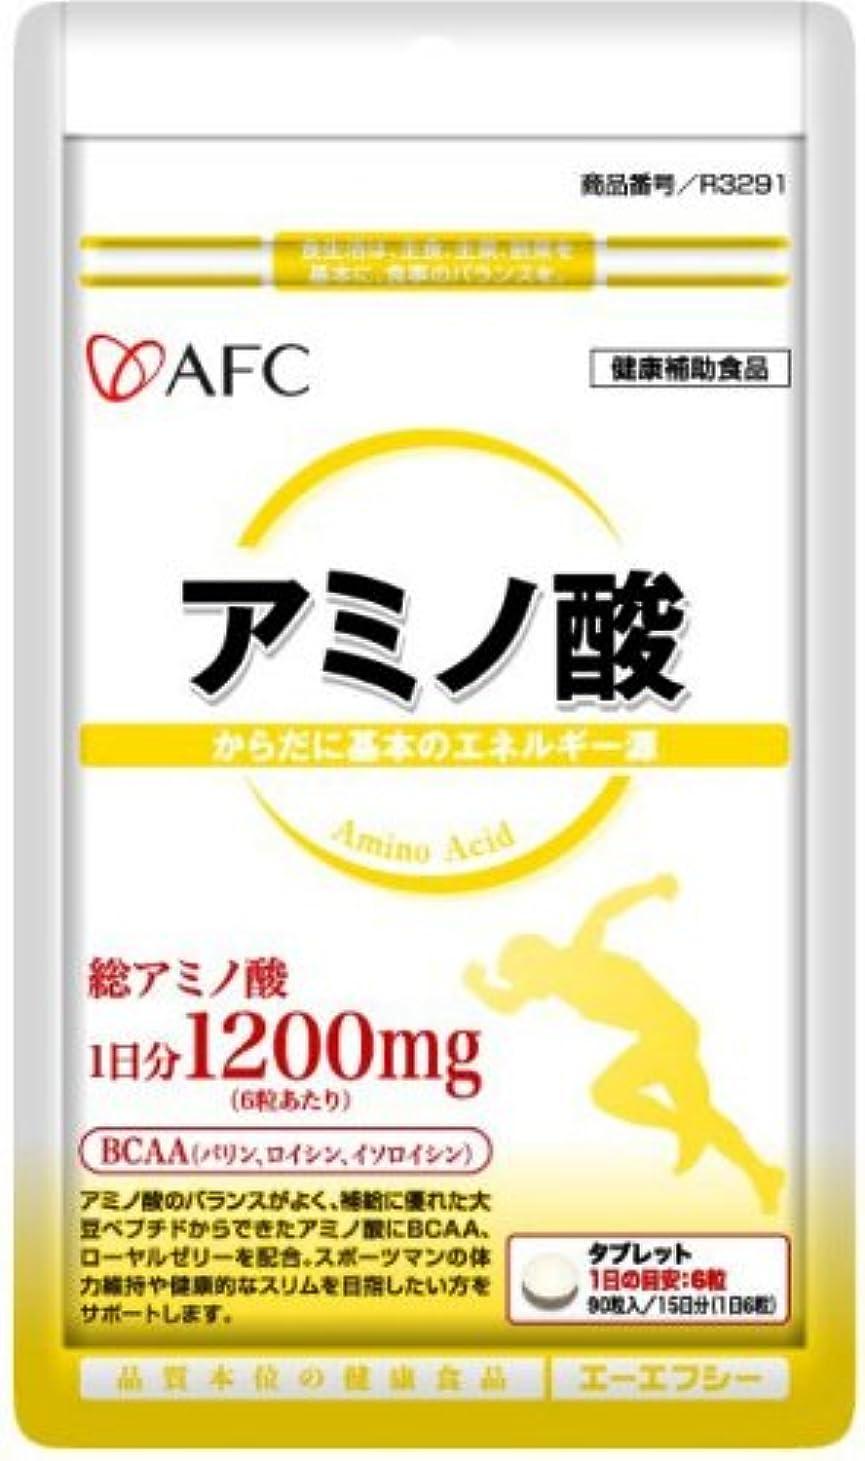 使役速記ドットAFC 500円シリーズ アミノ酸 90粒入 (約15日分)